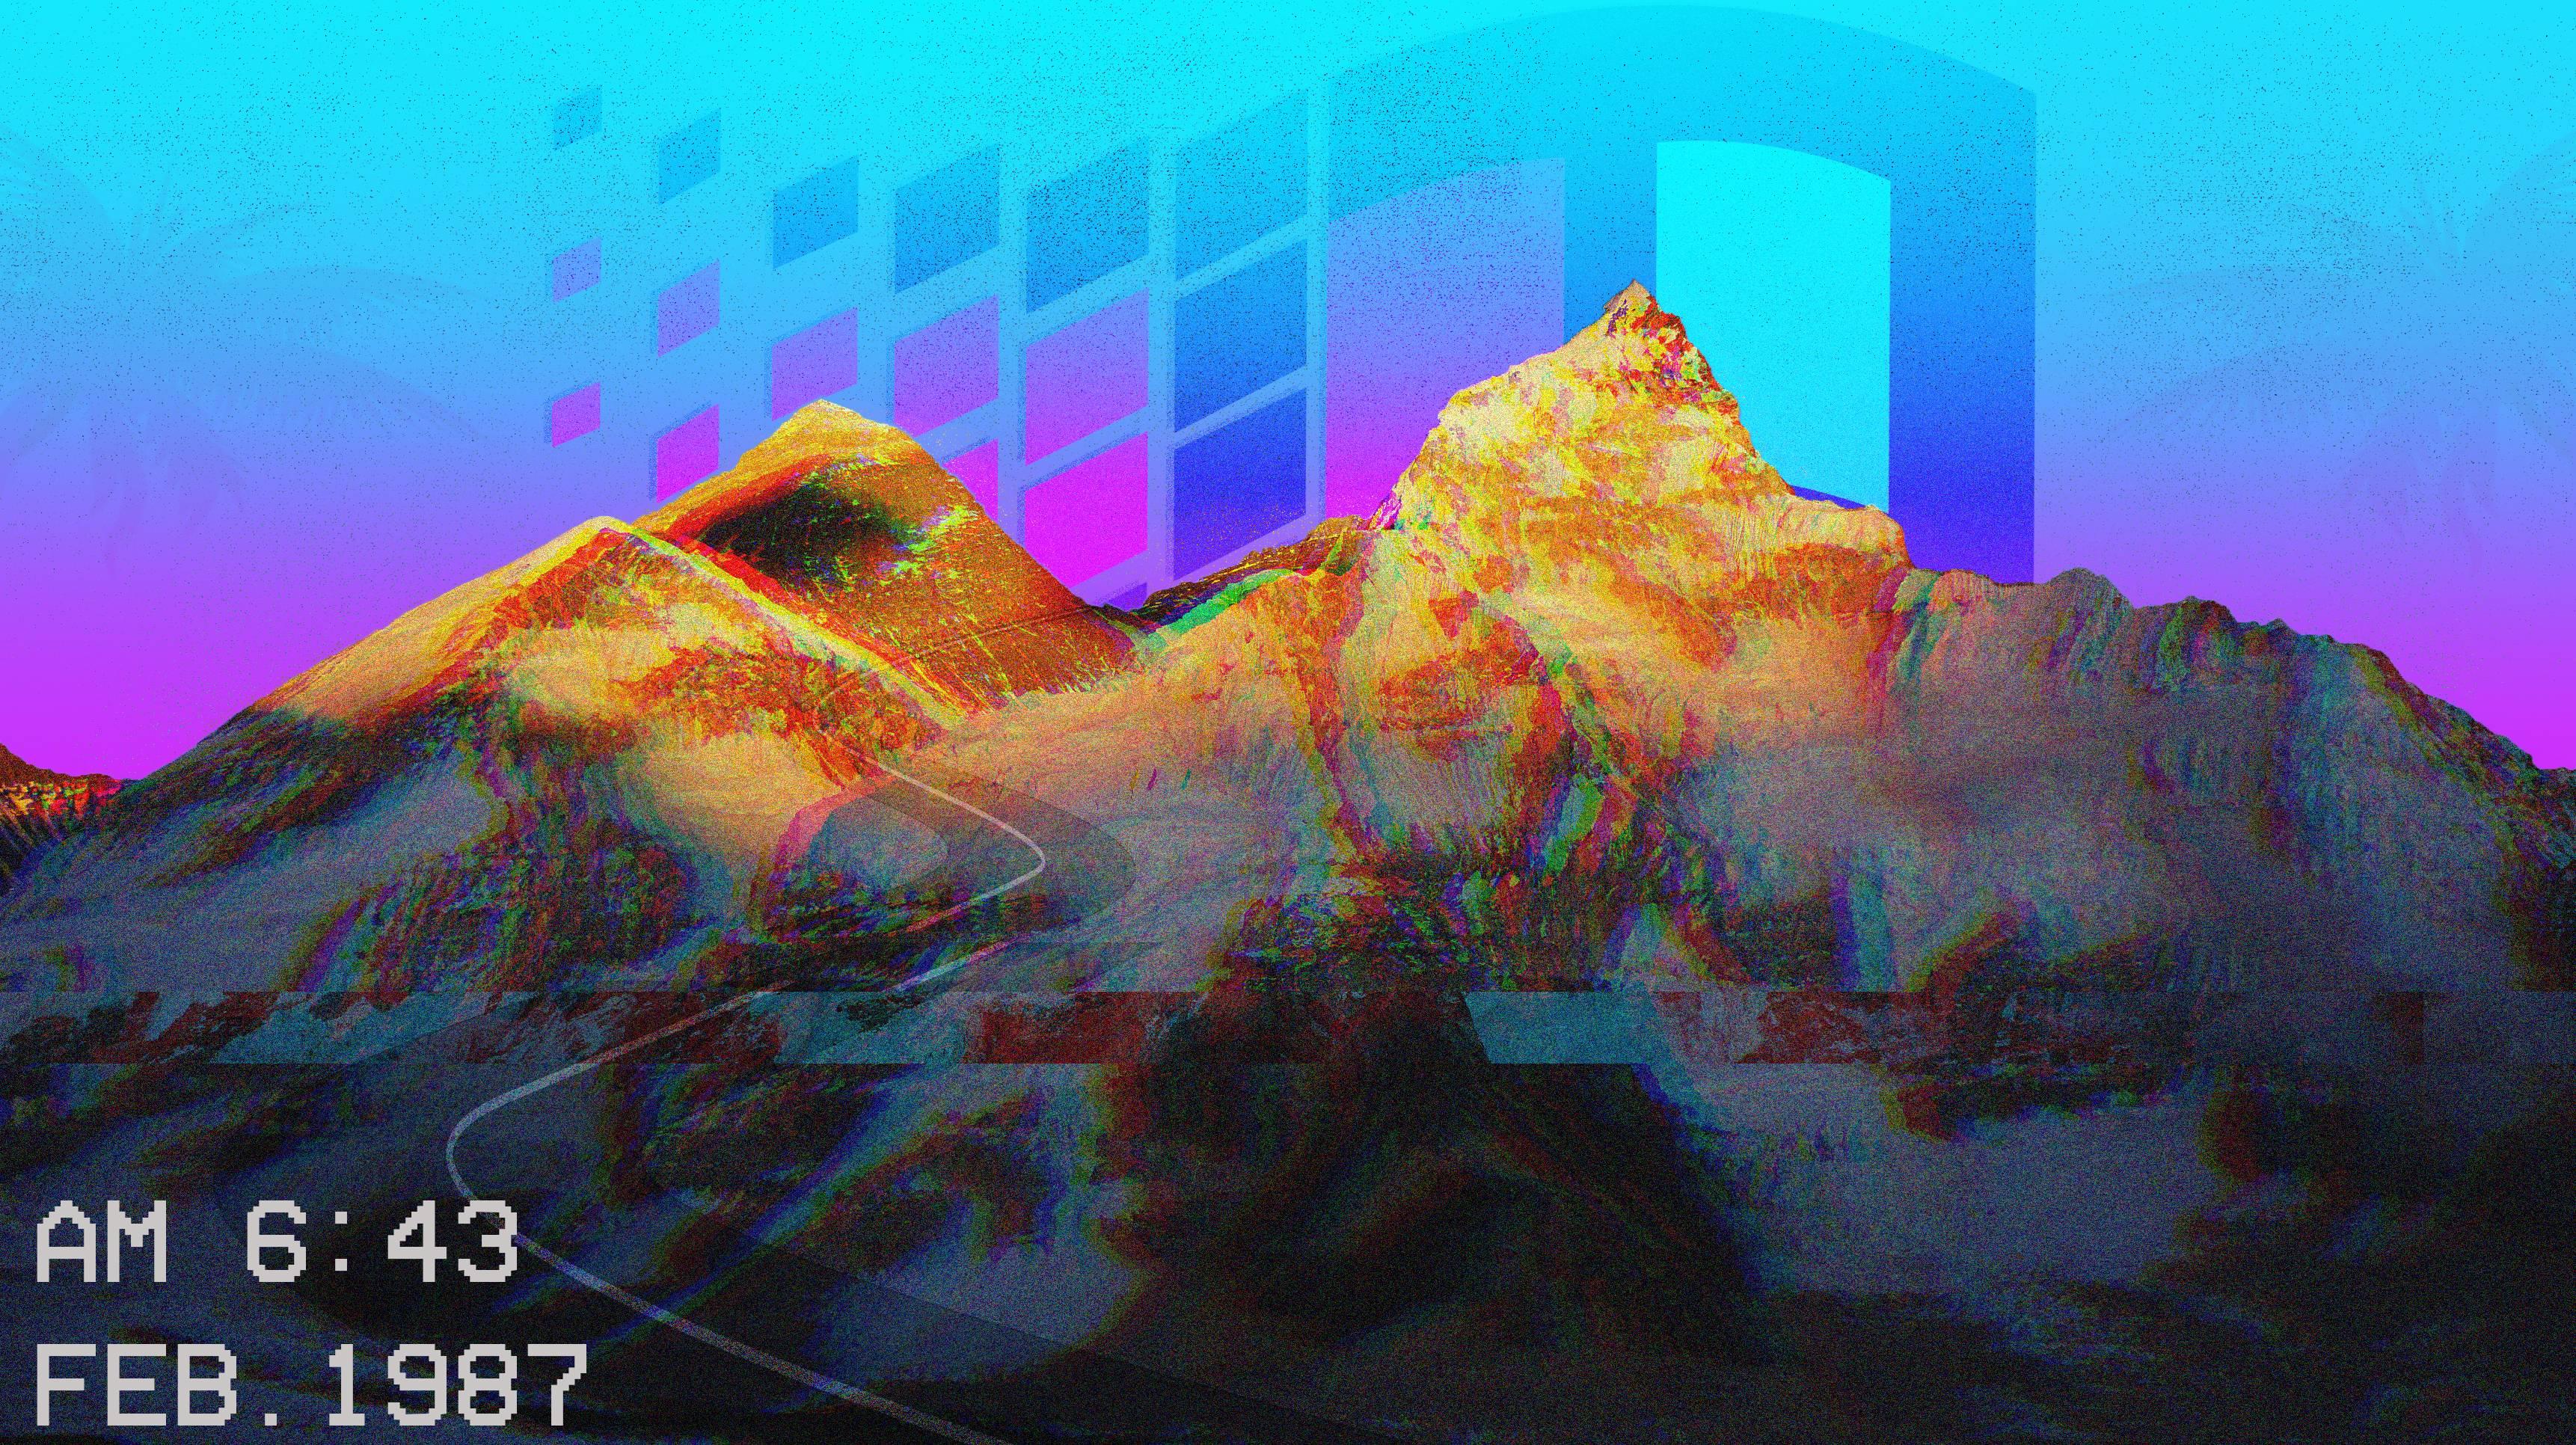 90s Aesthetic Desktop Wallpapers - Wallpaper Cave